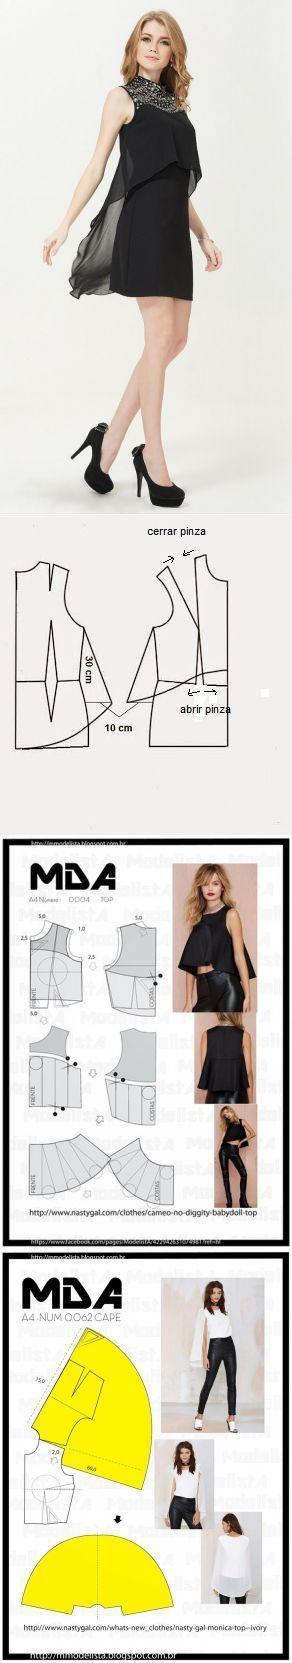 Cabo el vestido (casi patrón) / vestidos DIY / Las manos - los modelos, alteración de la ropa, la decoración con sus propias manos - en la segunda calle